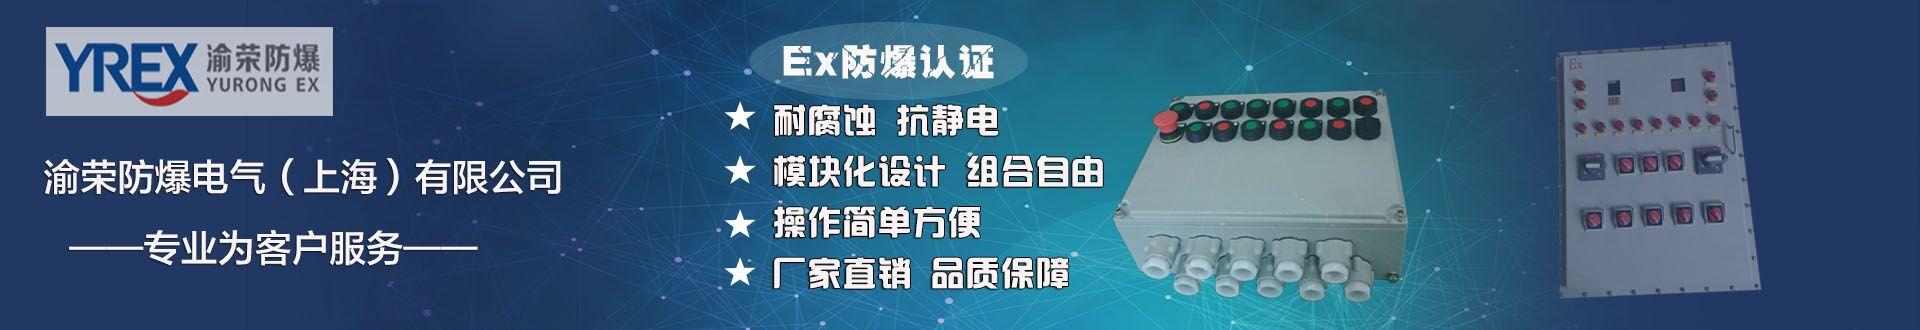 渝荣防爆电器(上海)有限公司市场部